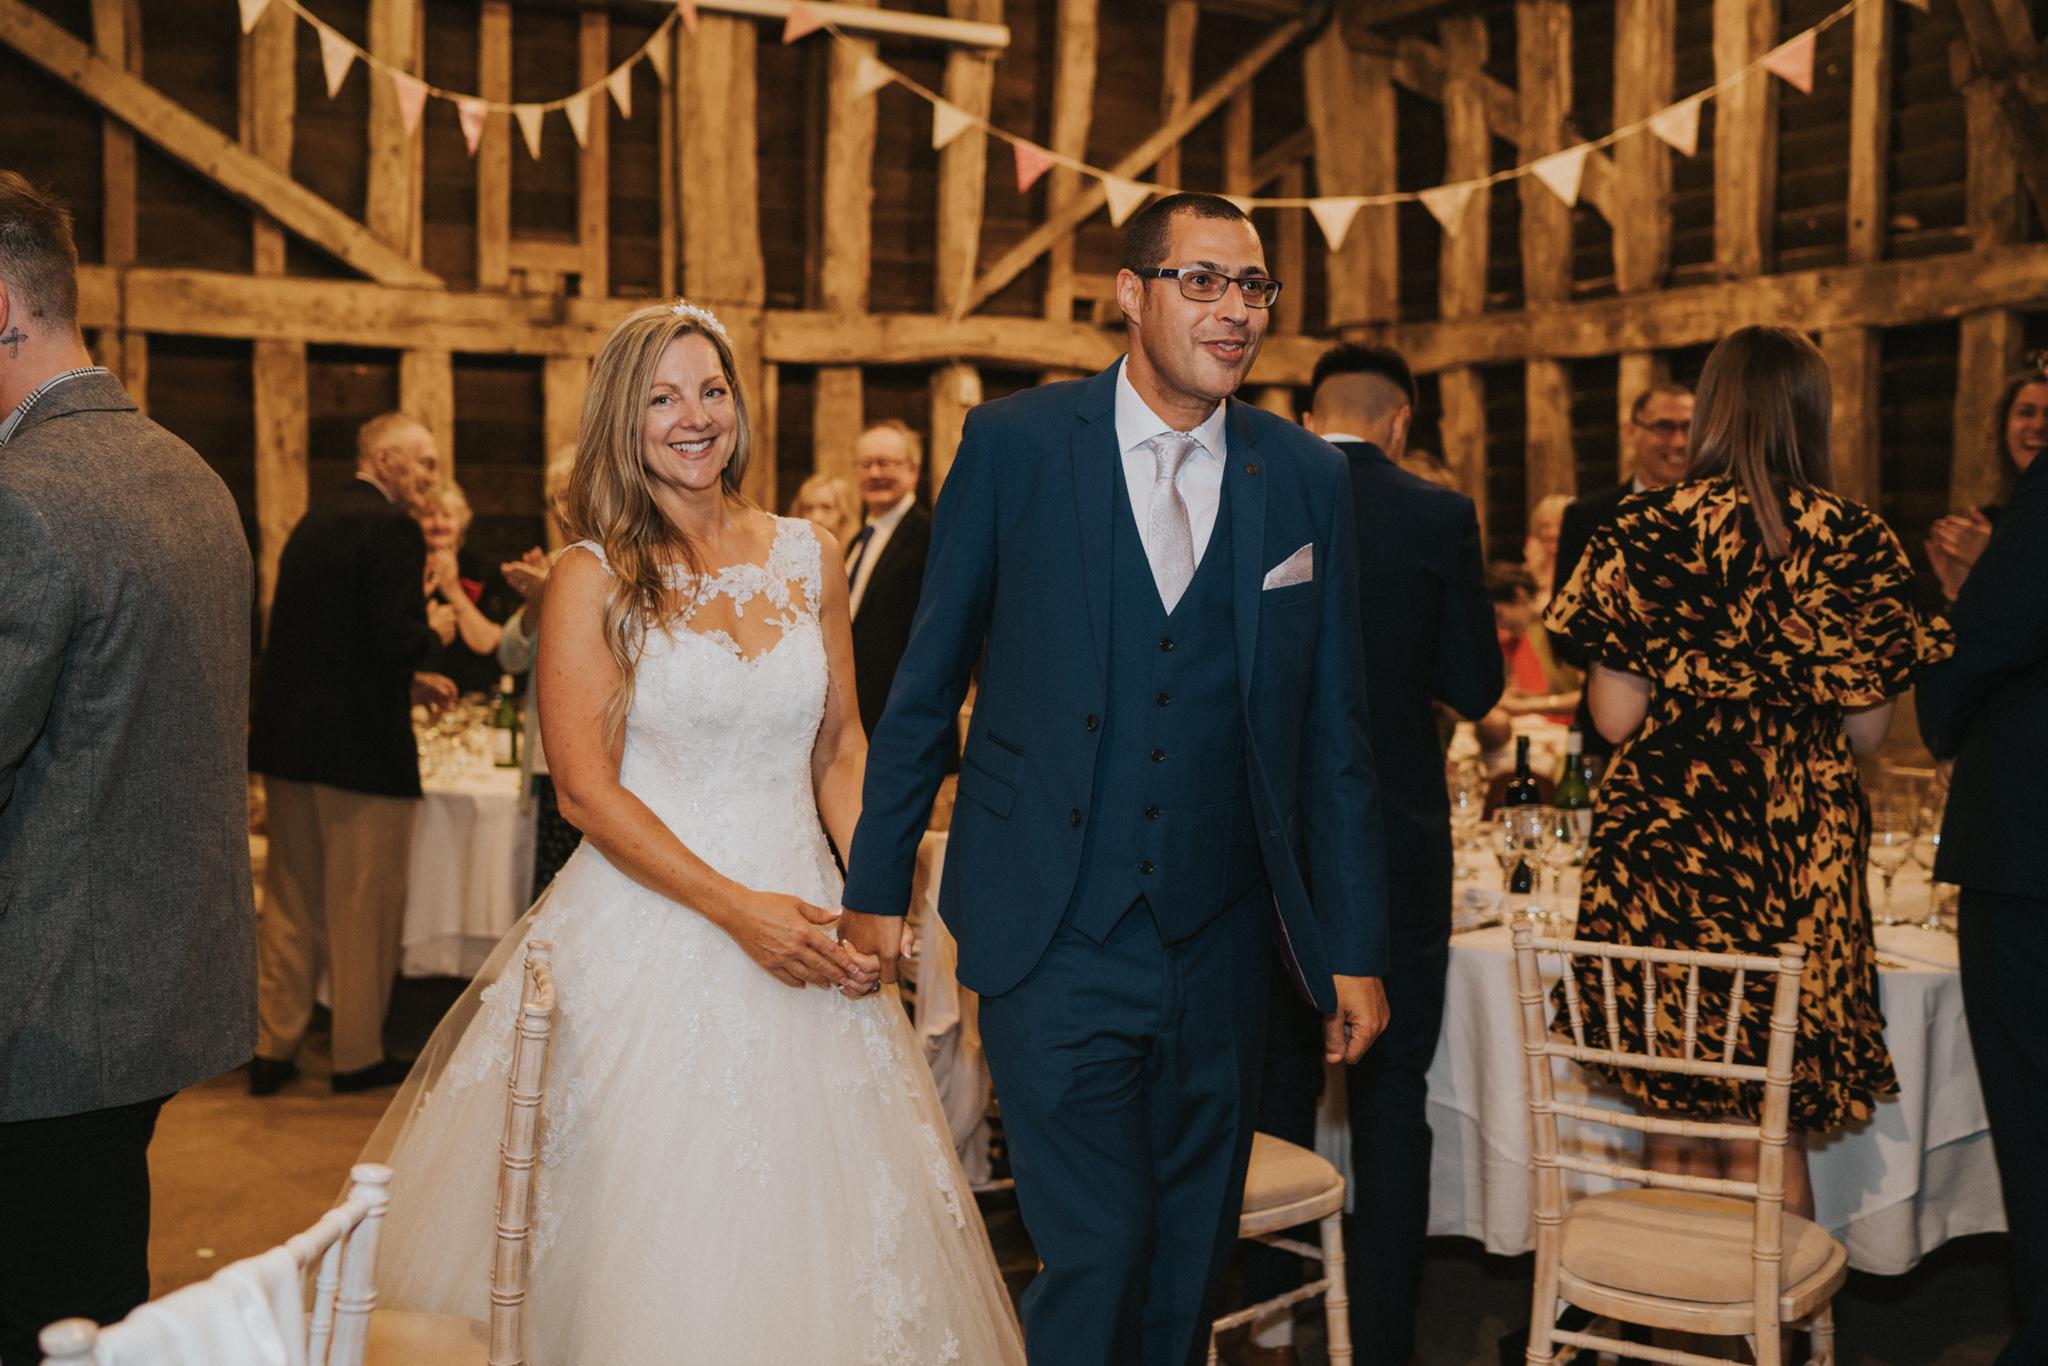 karen-tony-blackthorpe-barn-diy-wedding-grace-elizabeth-colchester-essex-alternative-wedding-lifestyle-photographer-essex-suffolk-norfolk-devon (35 of 35).jpg